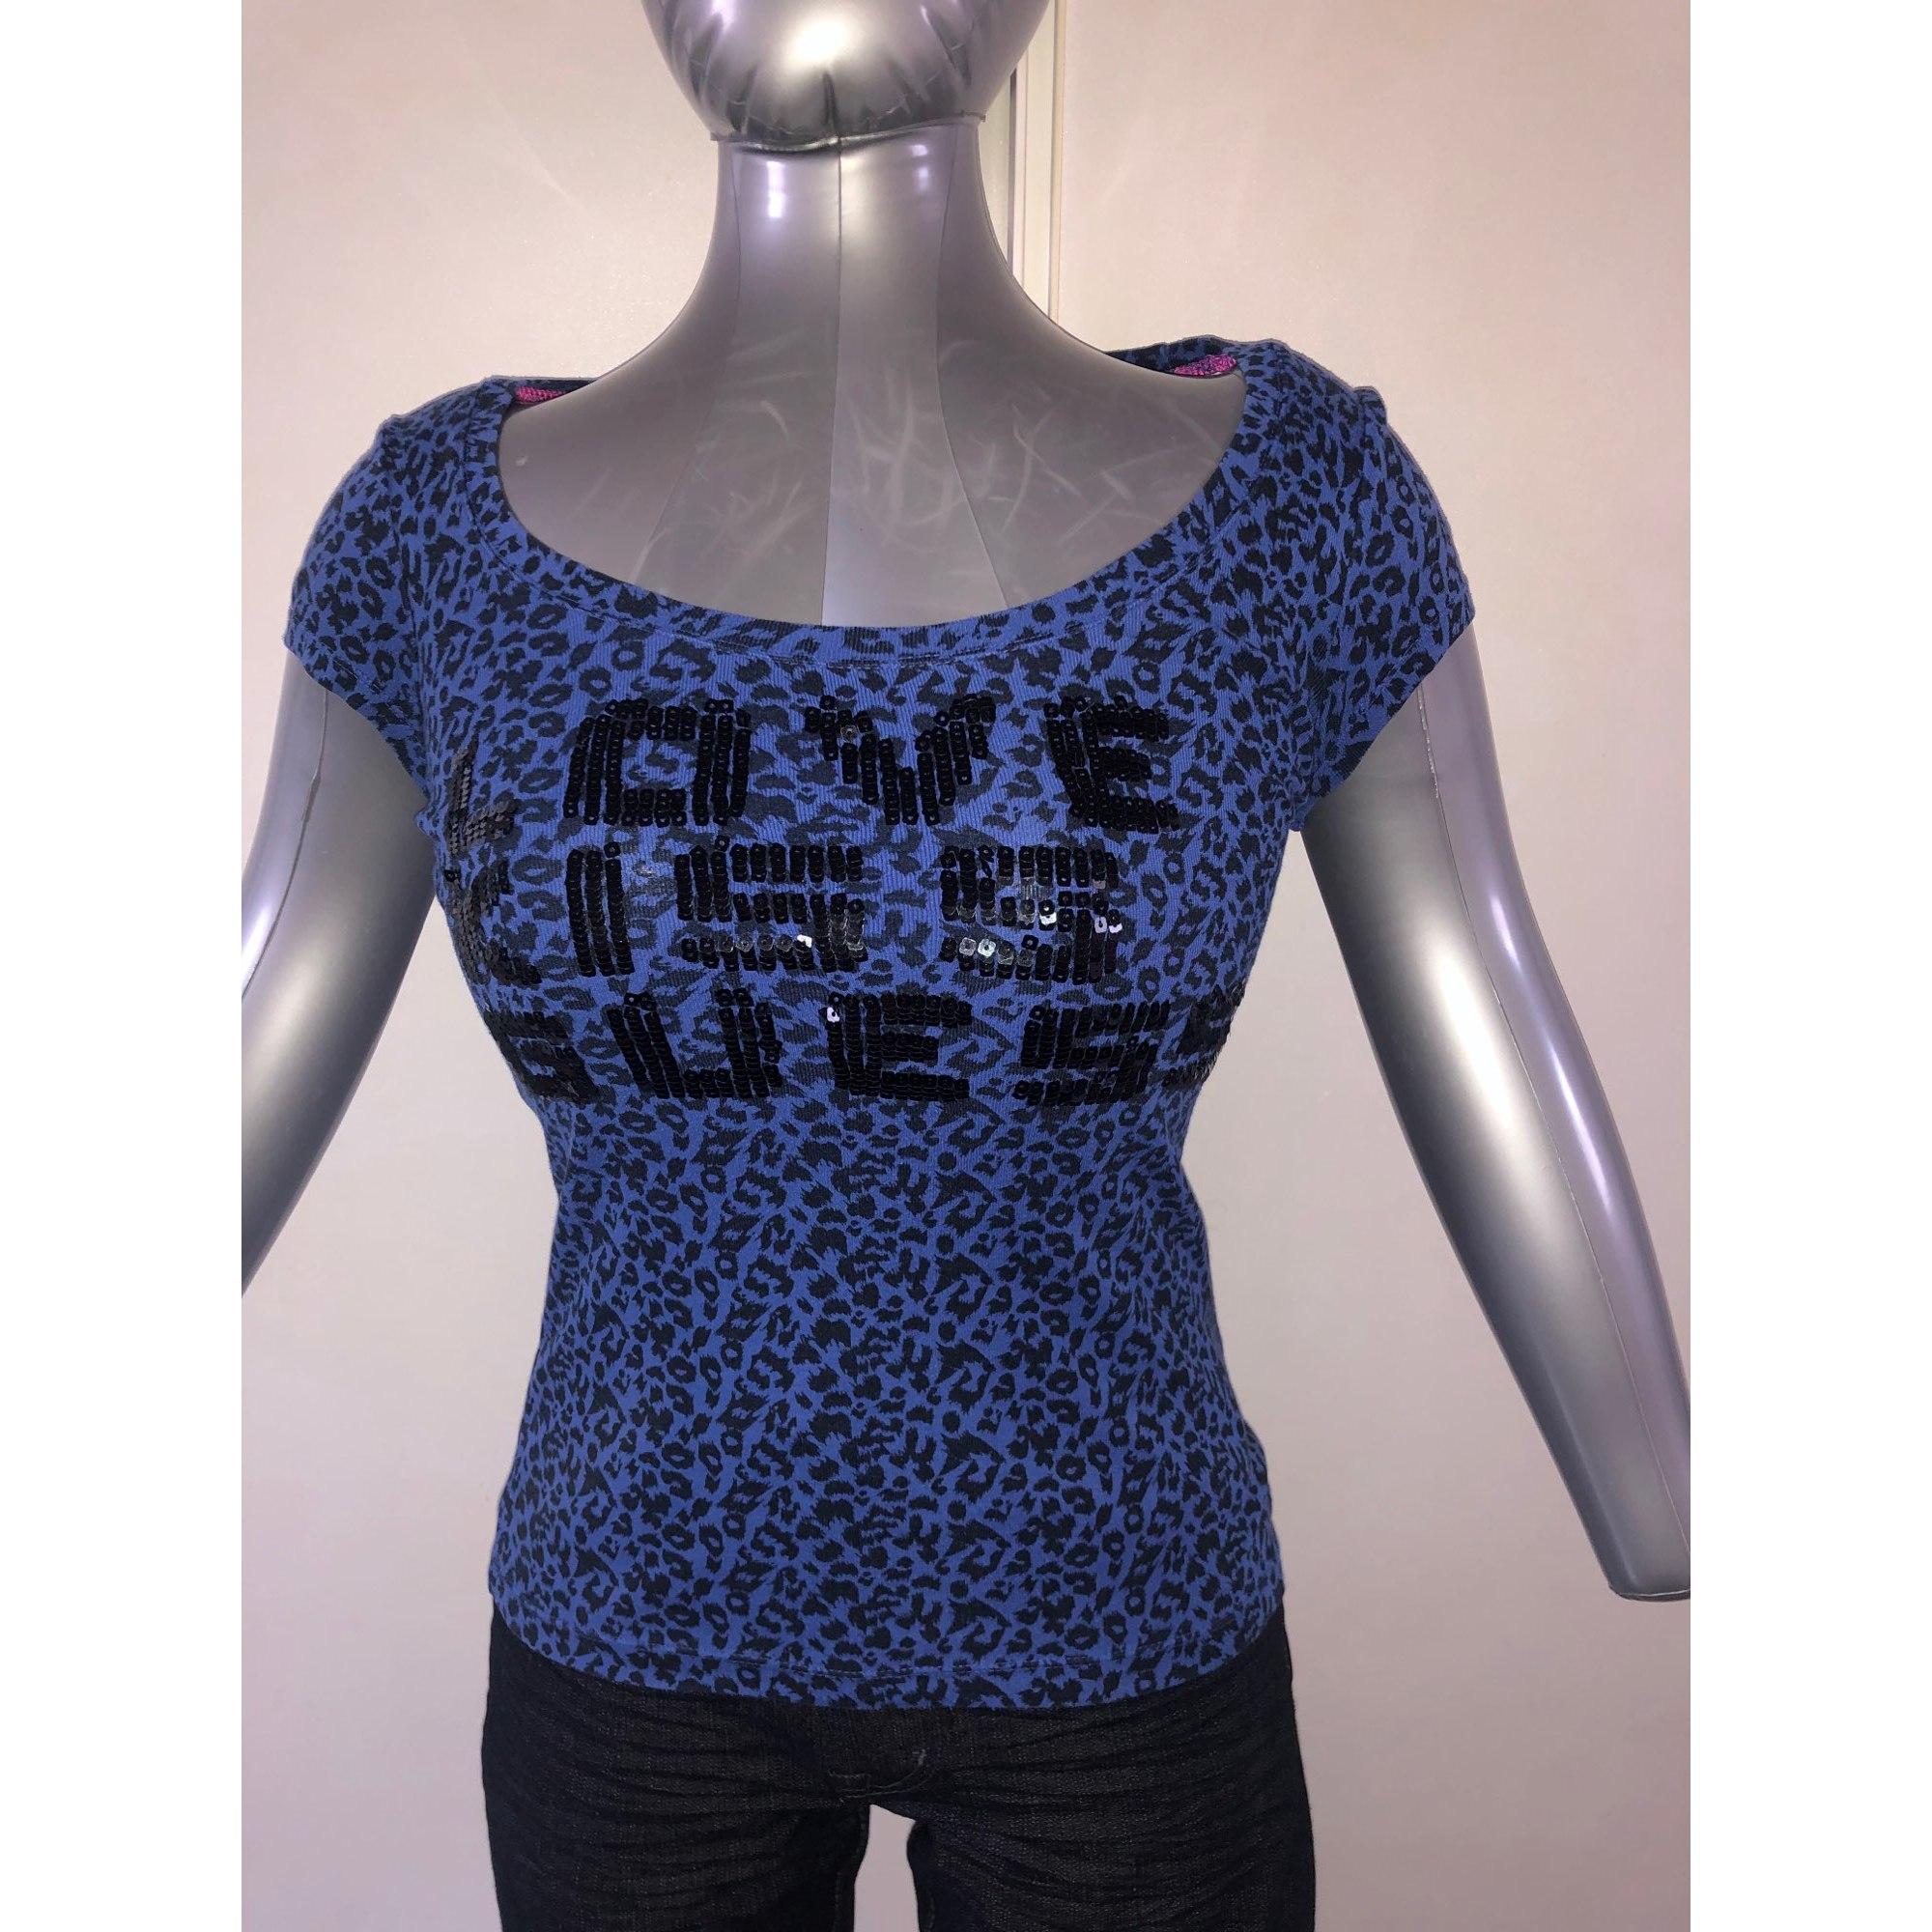 Top, tee-shirt GUESS Bleu, bleu marine, bleu turquoise